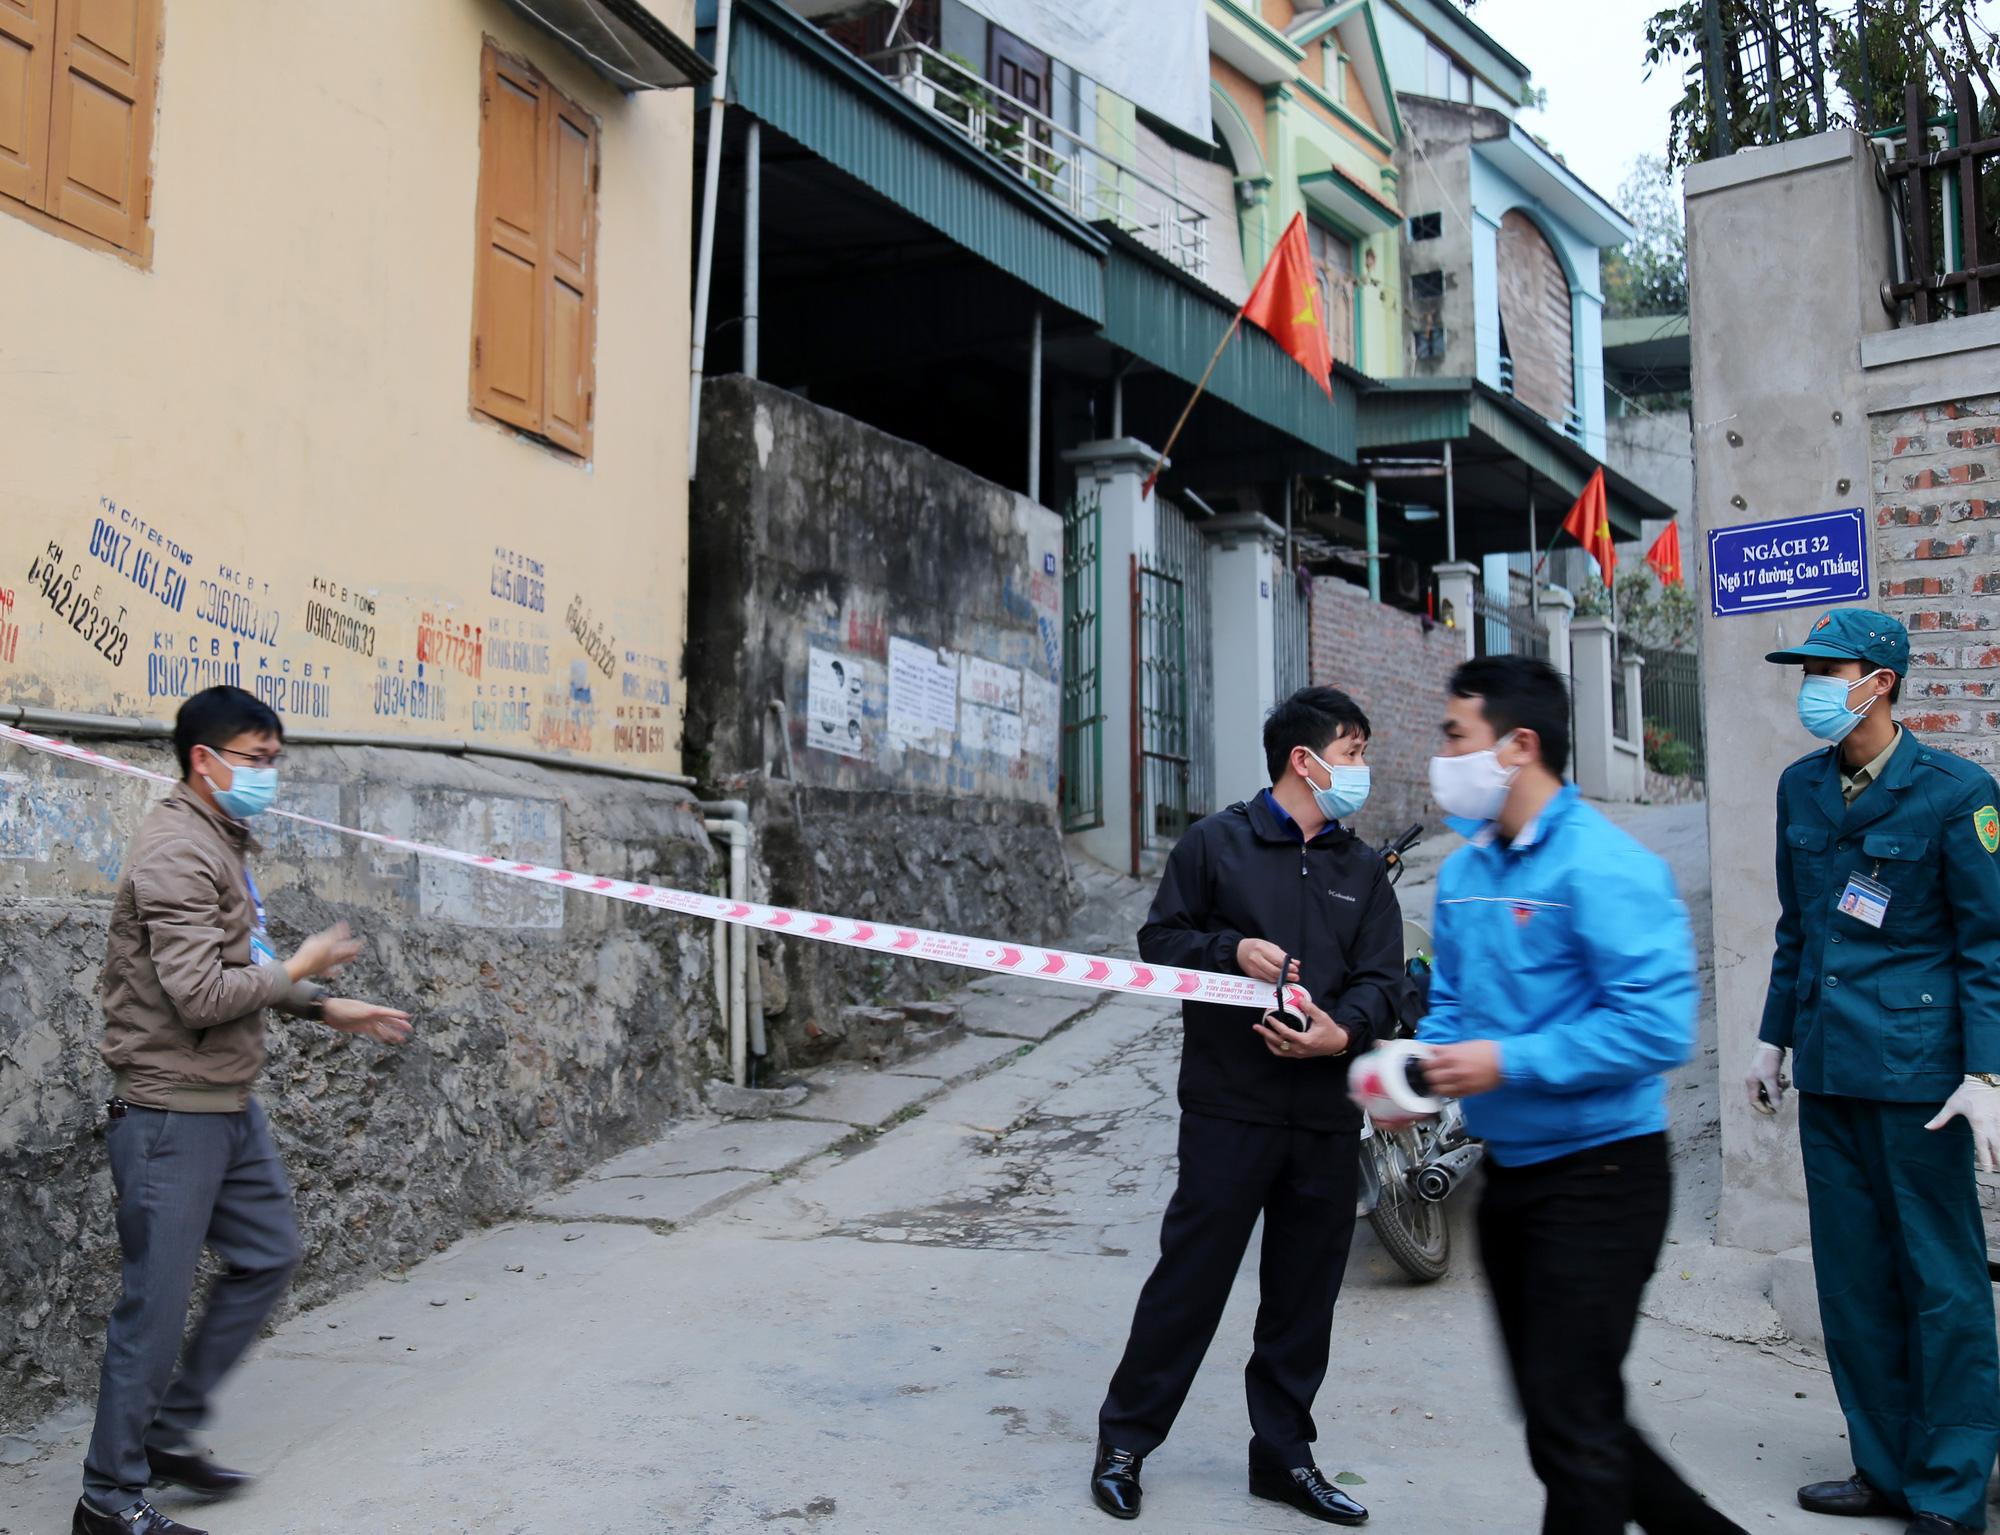 Quảng Ninh: Phong tỏa tạm thời một chợ tại TP.Hạ Long - Ảnh 2.